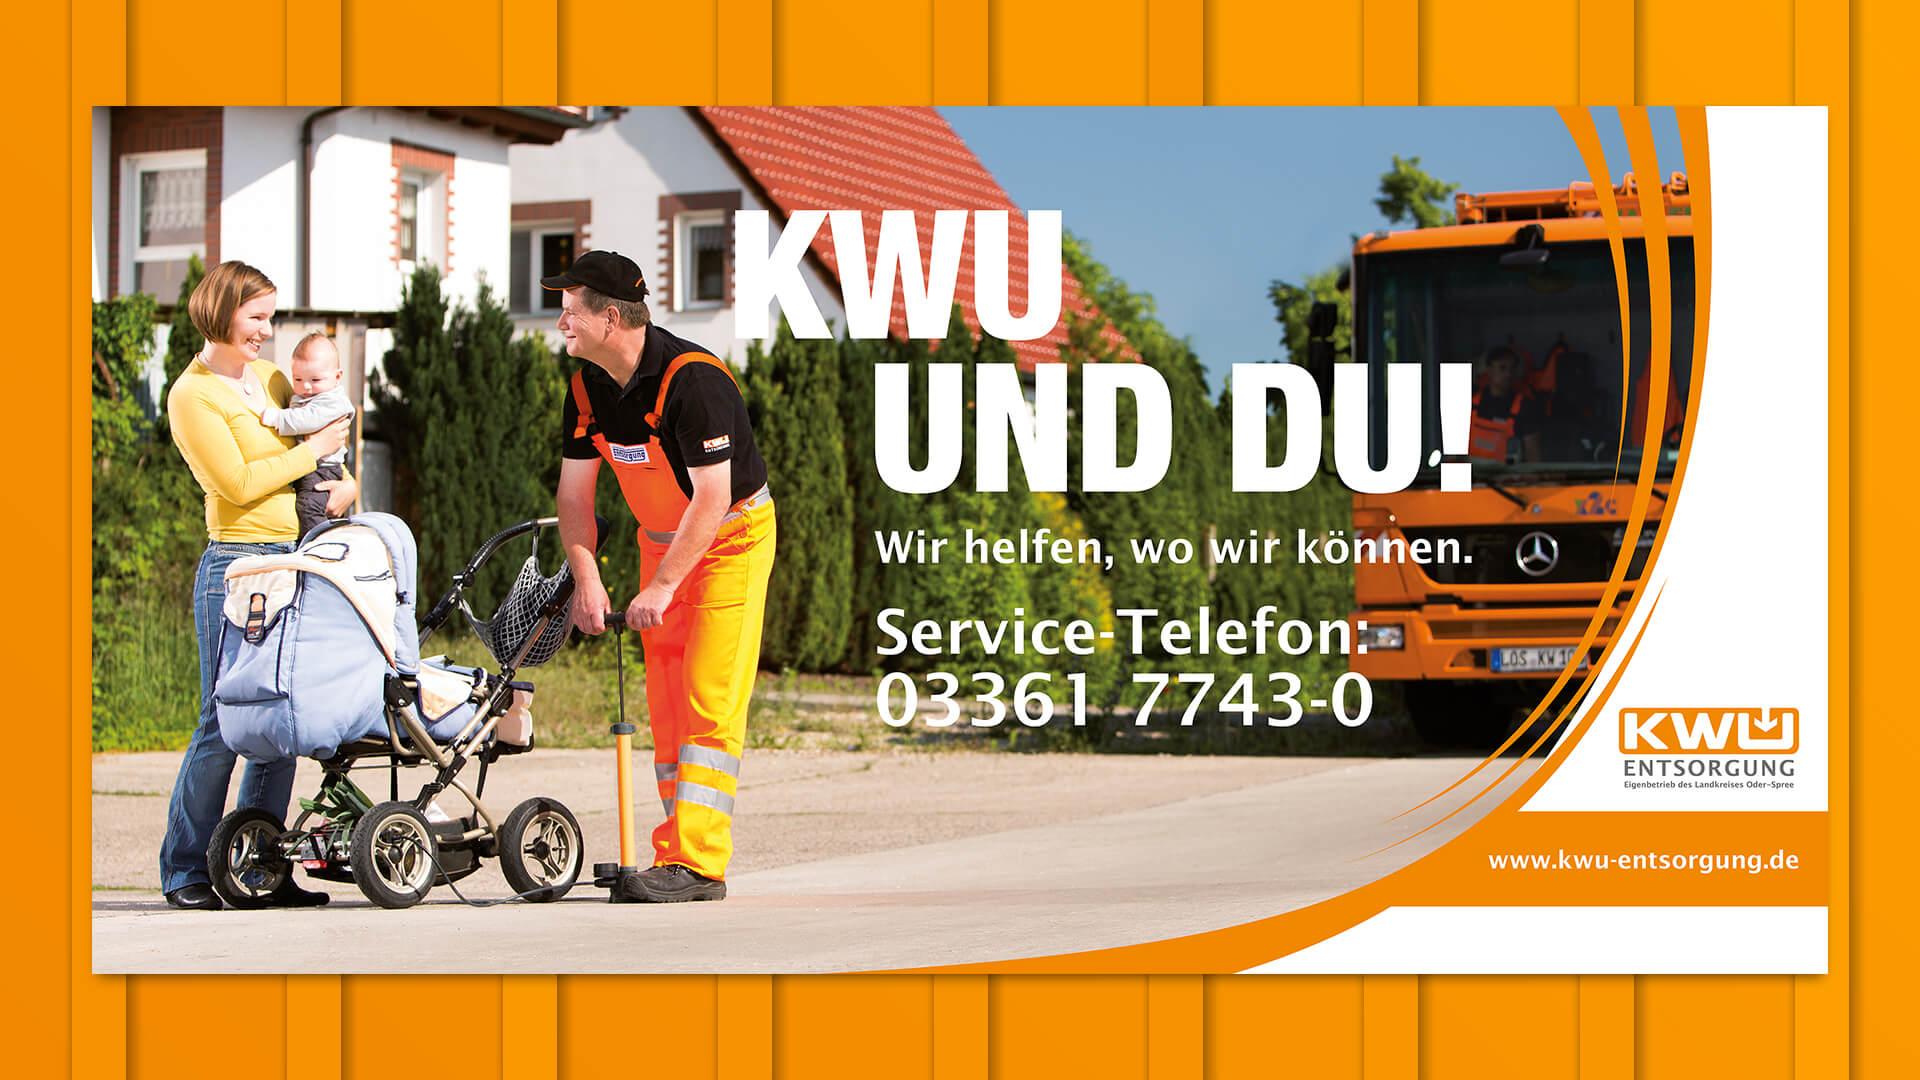 marketing agentur berlin kommunikationsdesign contenterstellung newsletter marketing werbeagentur berlin kwu und du